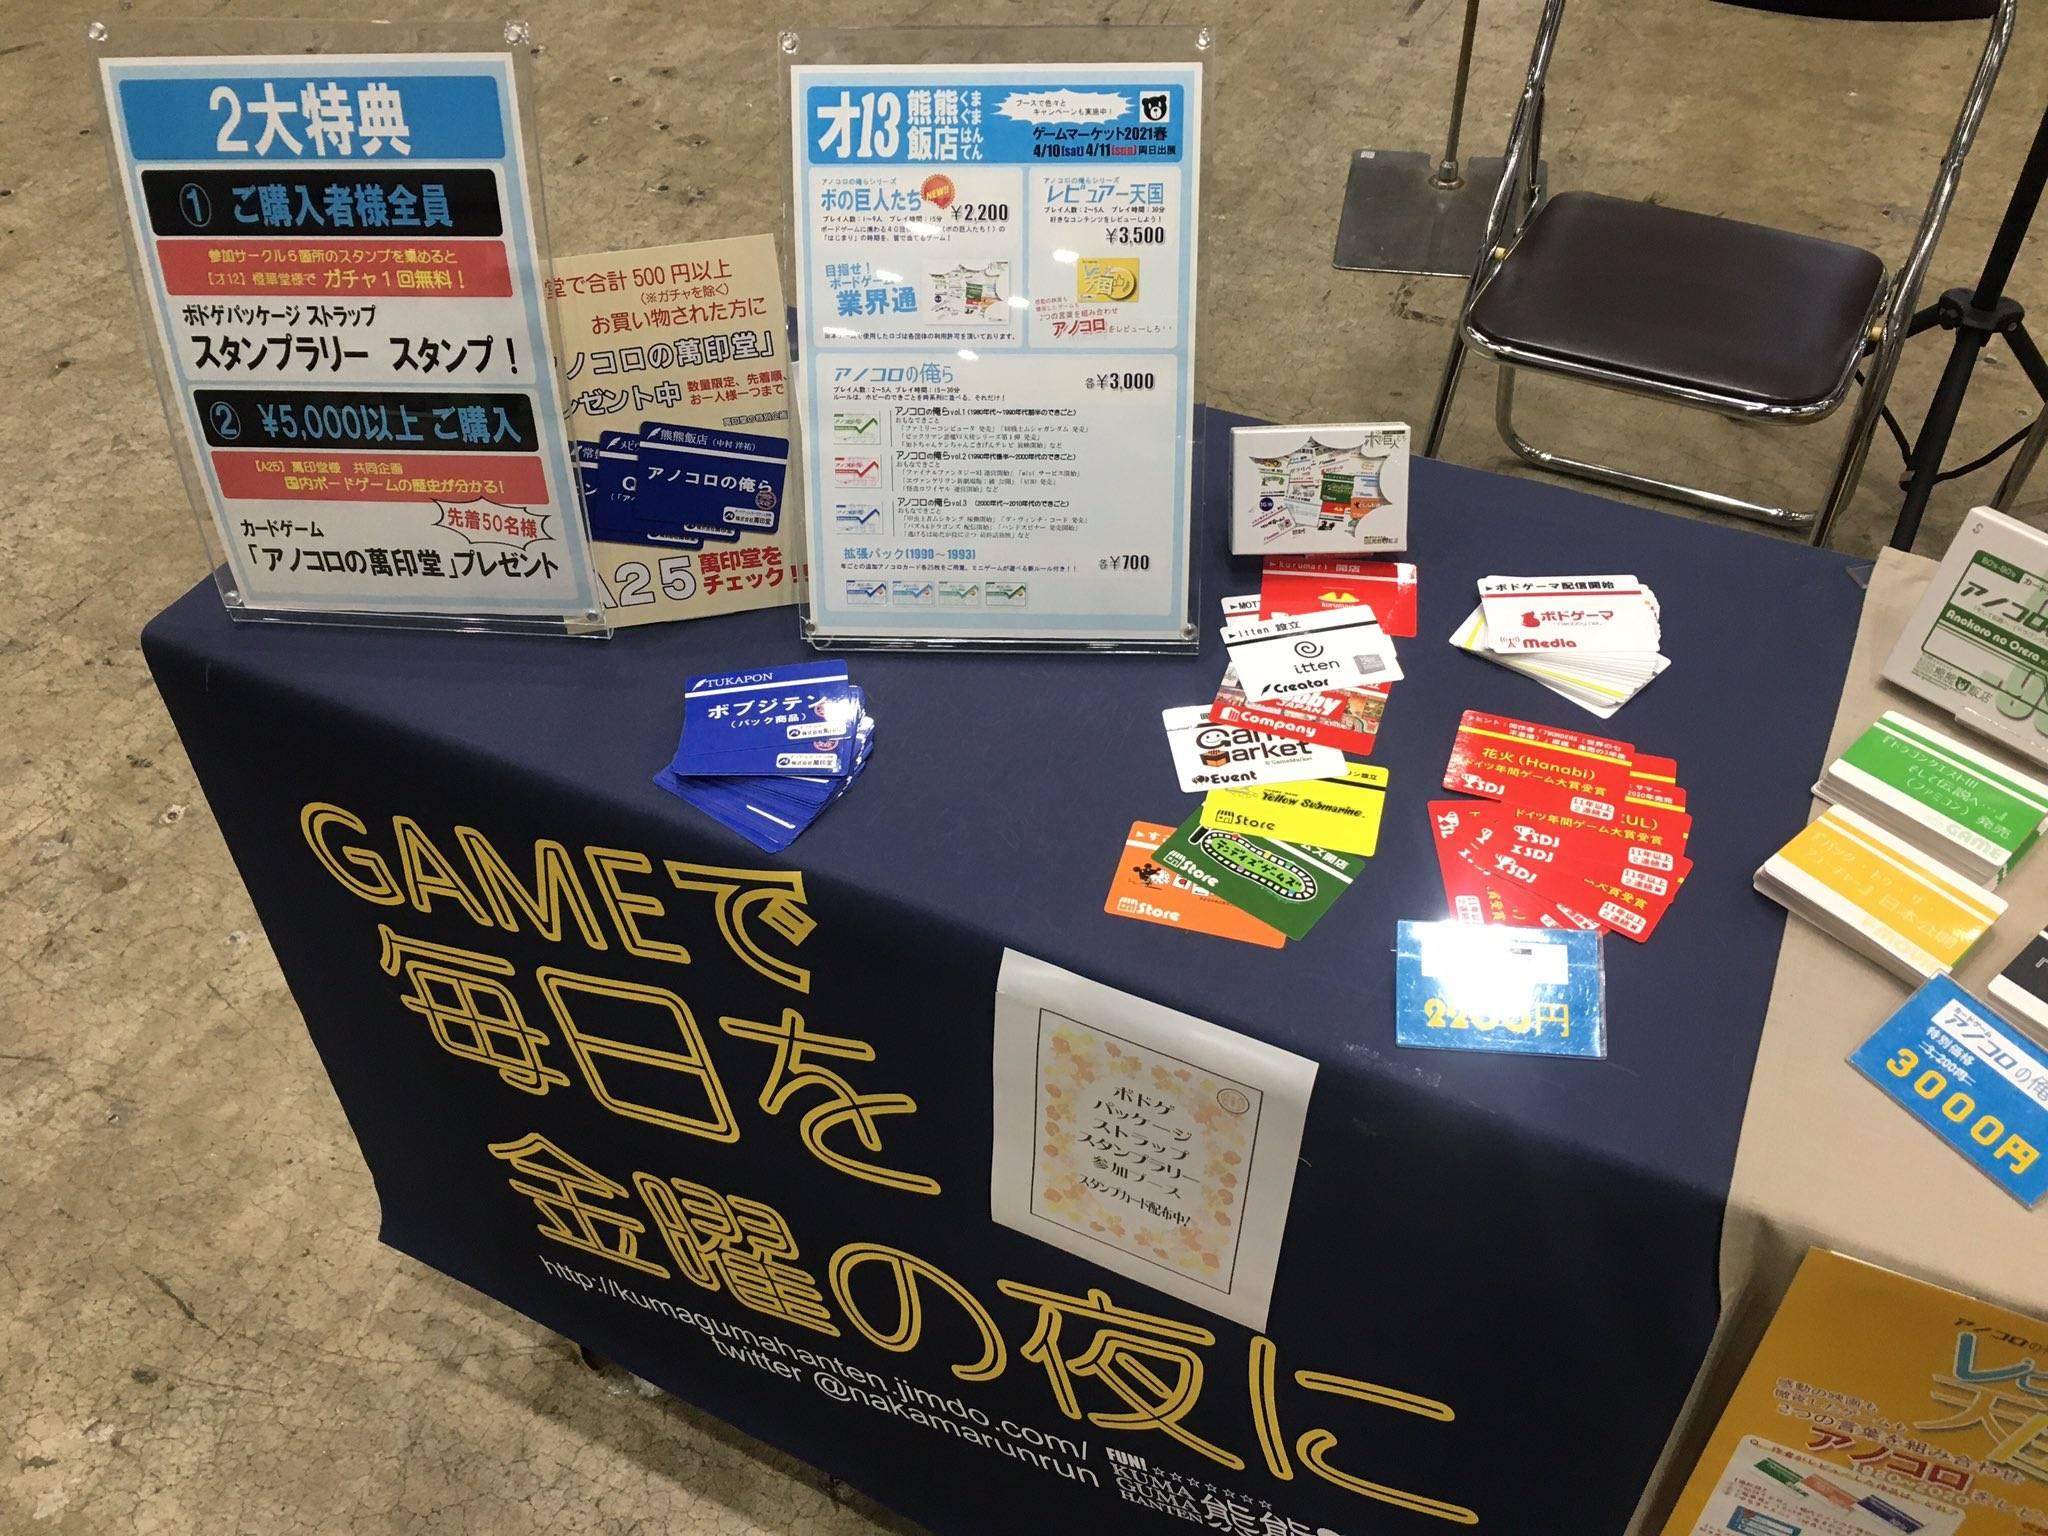 【熊熊飯店】ゲームマーケット2021春☆彡 ありがとうございました!